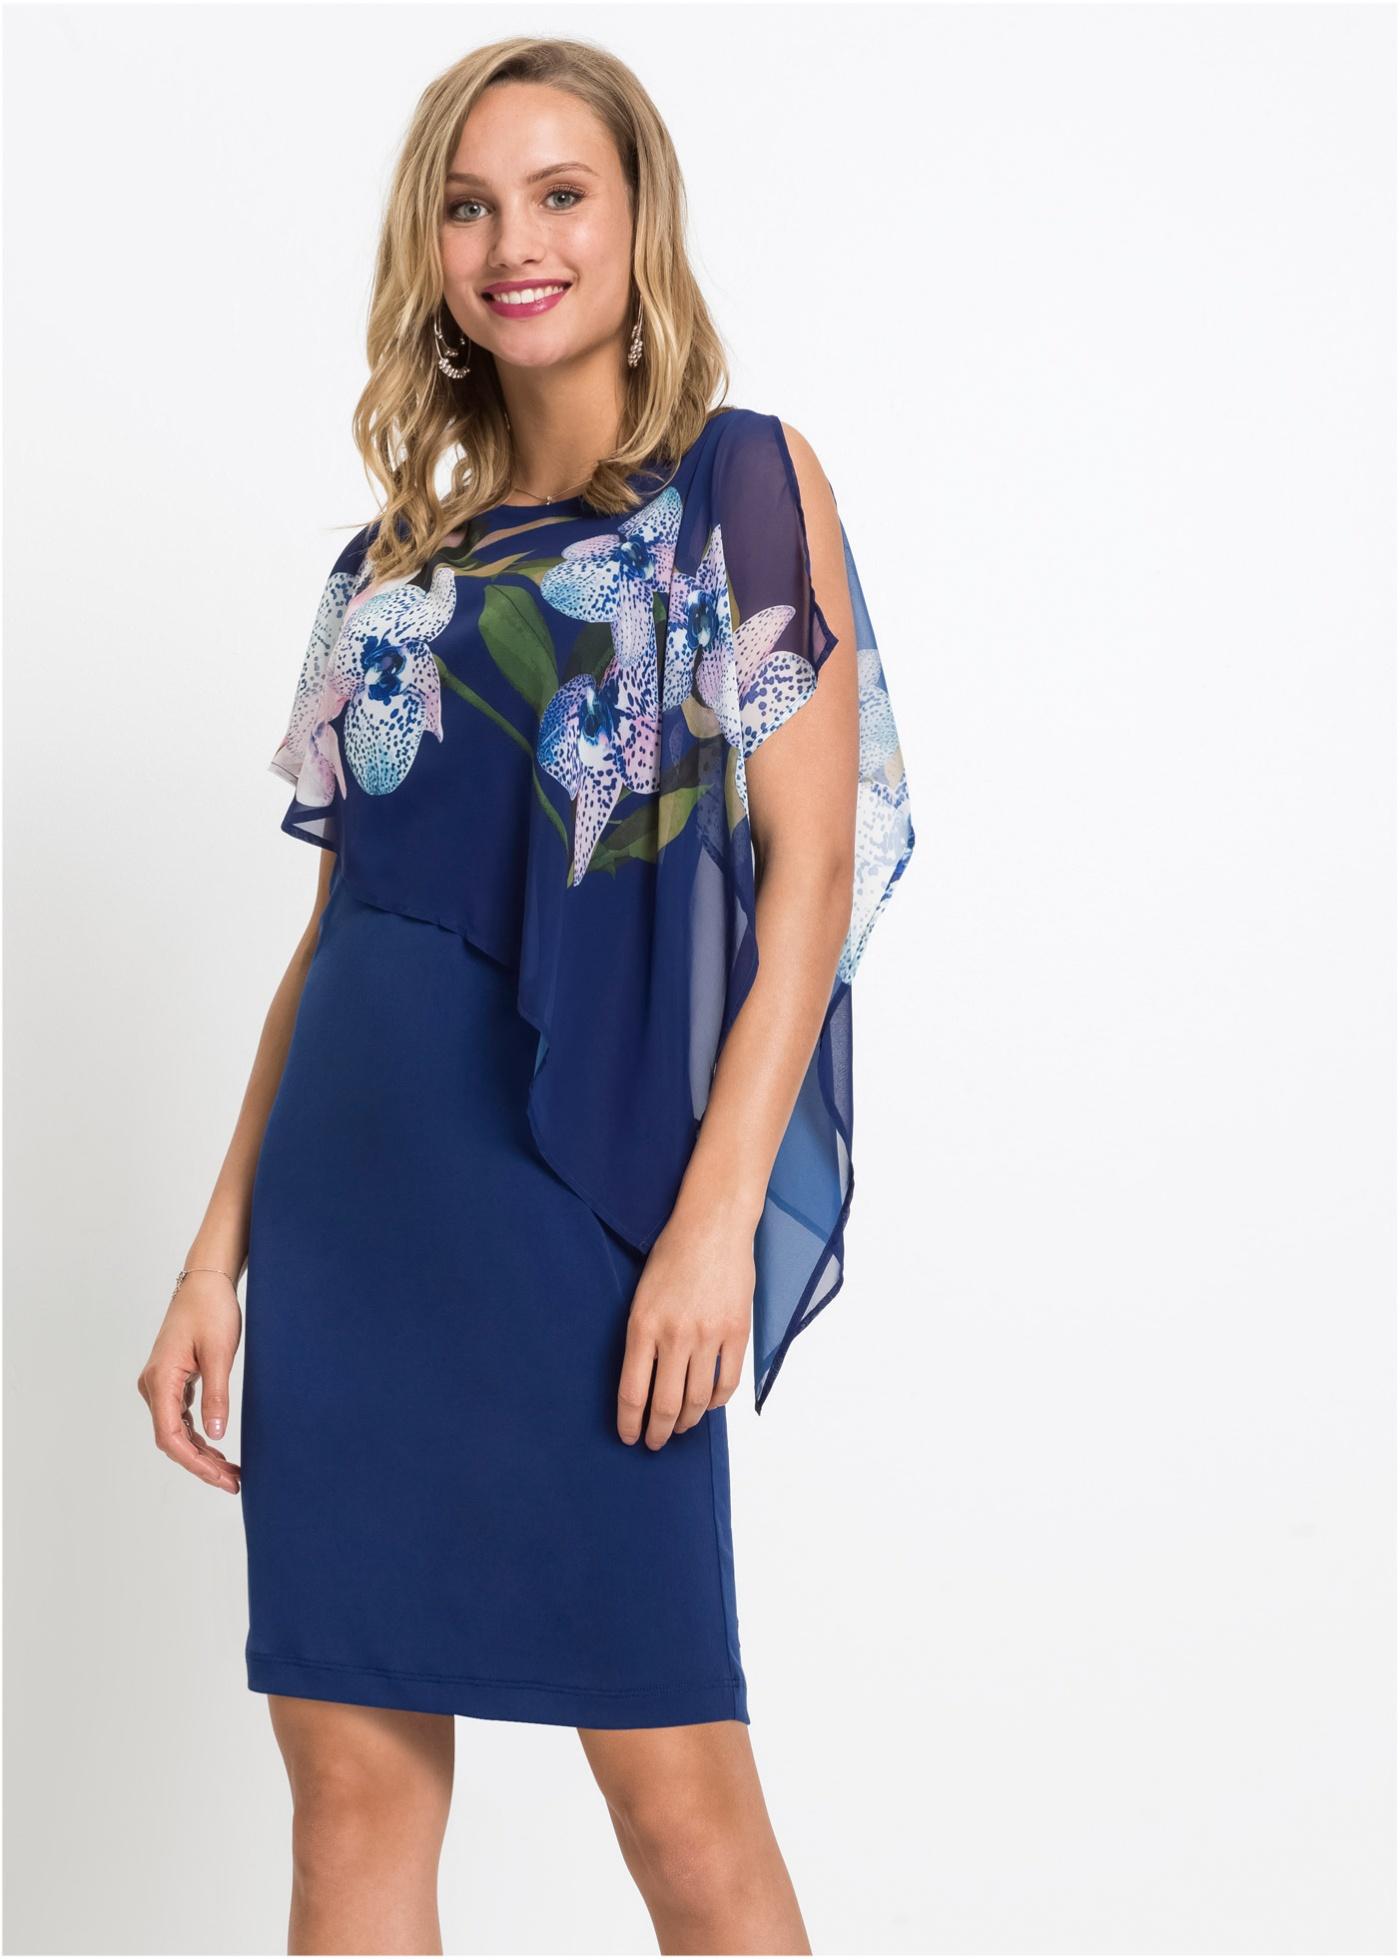 Jurk, Deze lichte jurk is dankzij het modieuze laagje chiffon een echte eyecatcher. Perfect voor overdag maar ook voor 's avonds. Lengte in mt. 36/38 ca. 90 cm.Extra gegevens:Merk: bonprixVoorraad: In StockVerzendkosten: 4.95Maat/Maten: 32/34Levertijd: 7 dagen